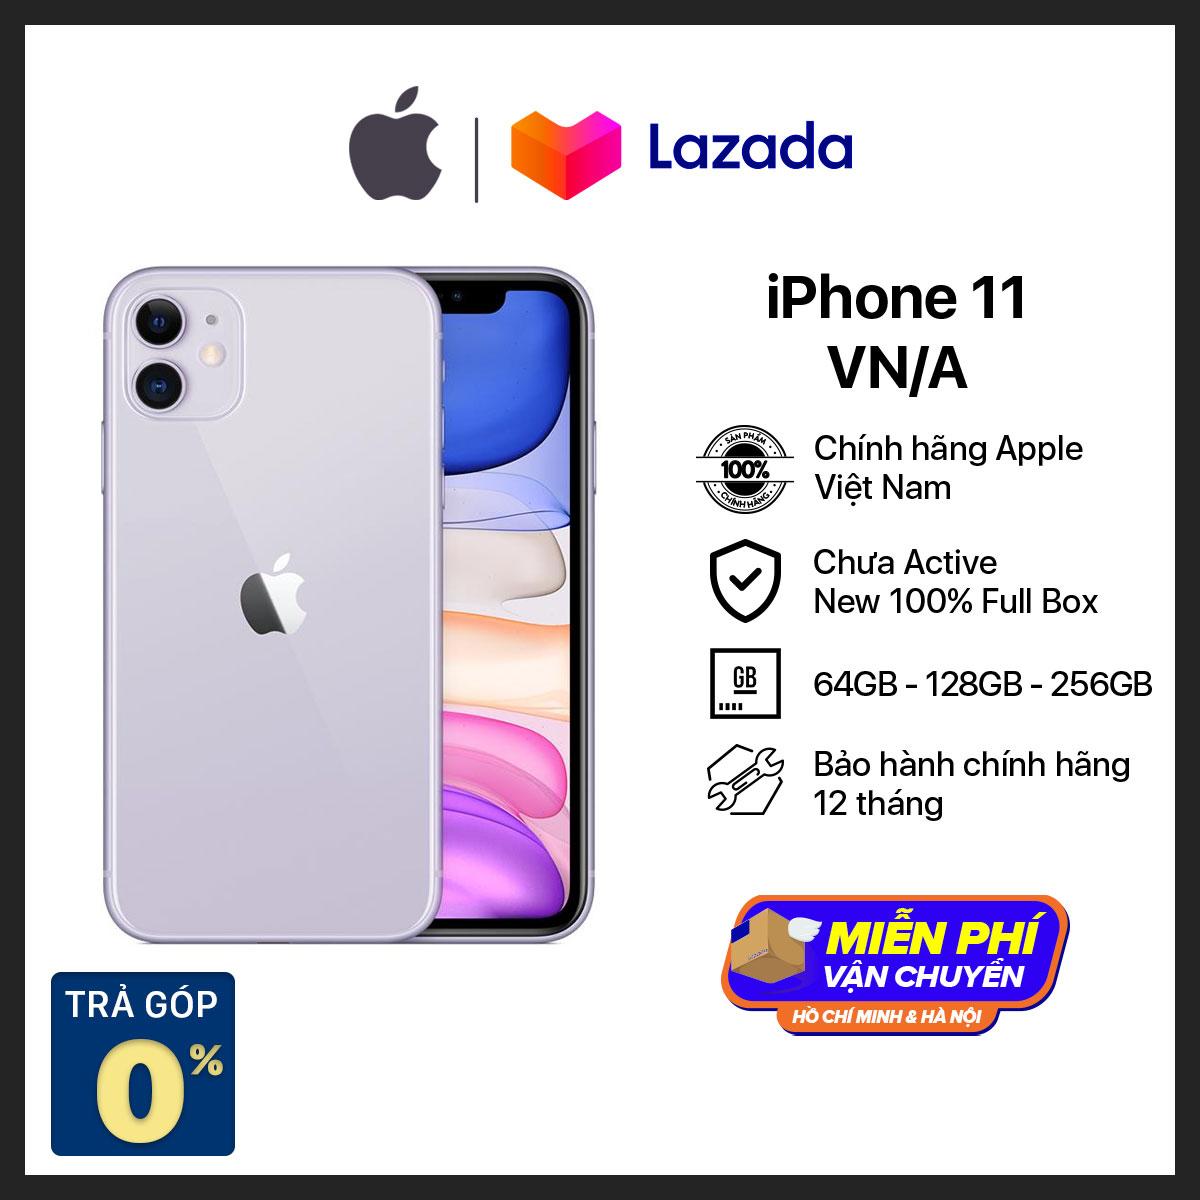 Điện thoại Apple iPhone 11 - Hàng Chính Hãng VN/A - Mới 100% (Chưa Kích Hoạt) - Trả Góp 0% - Màn Hình Liquid Retina HD 6.1inch Face ID Chống nước Chip A13 2 Camera